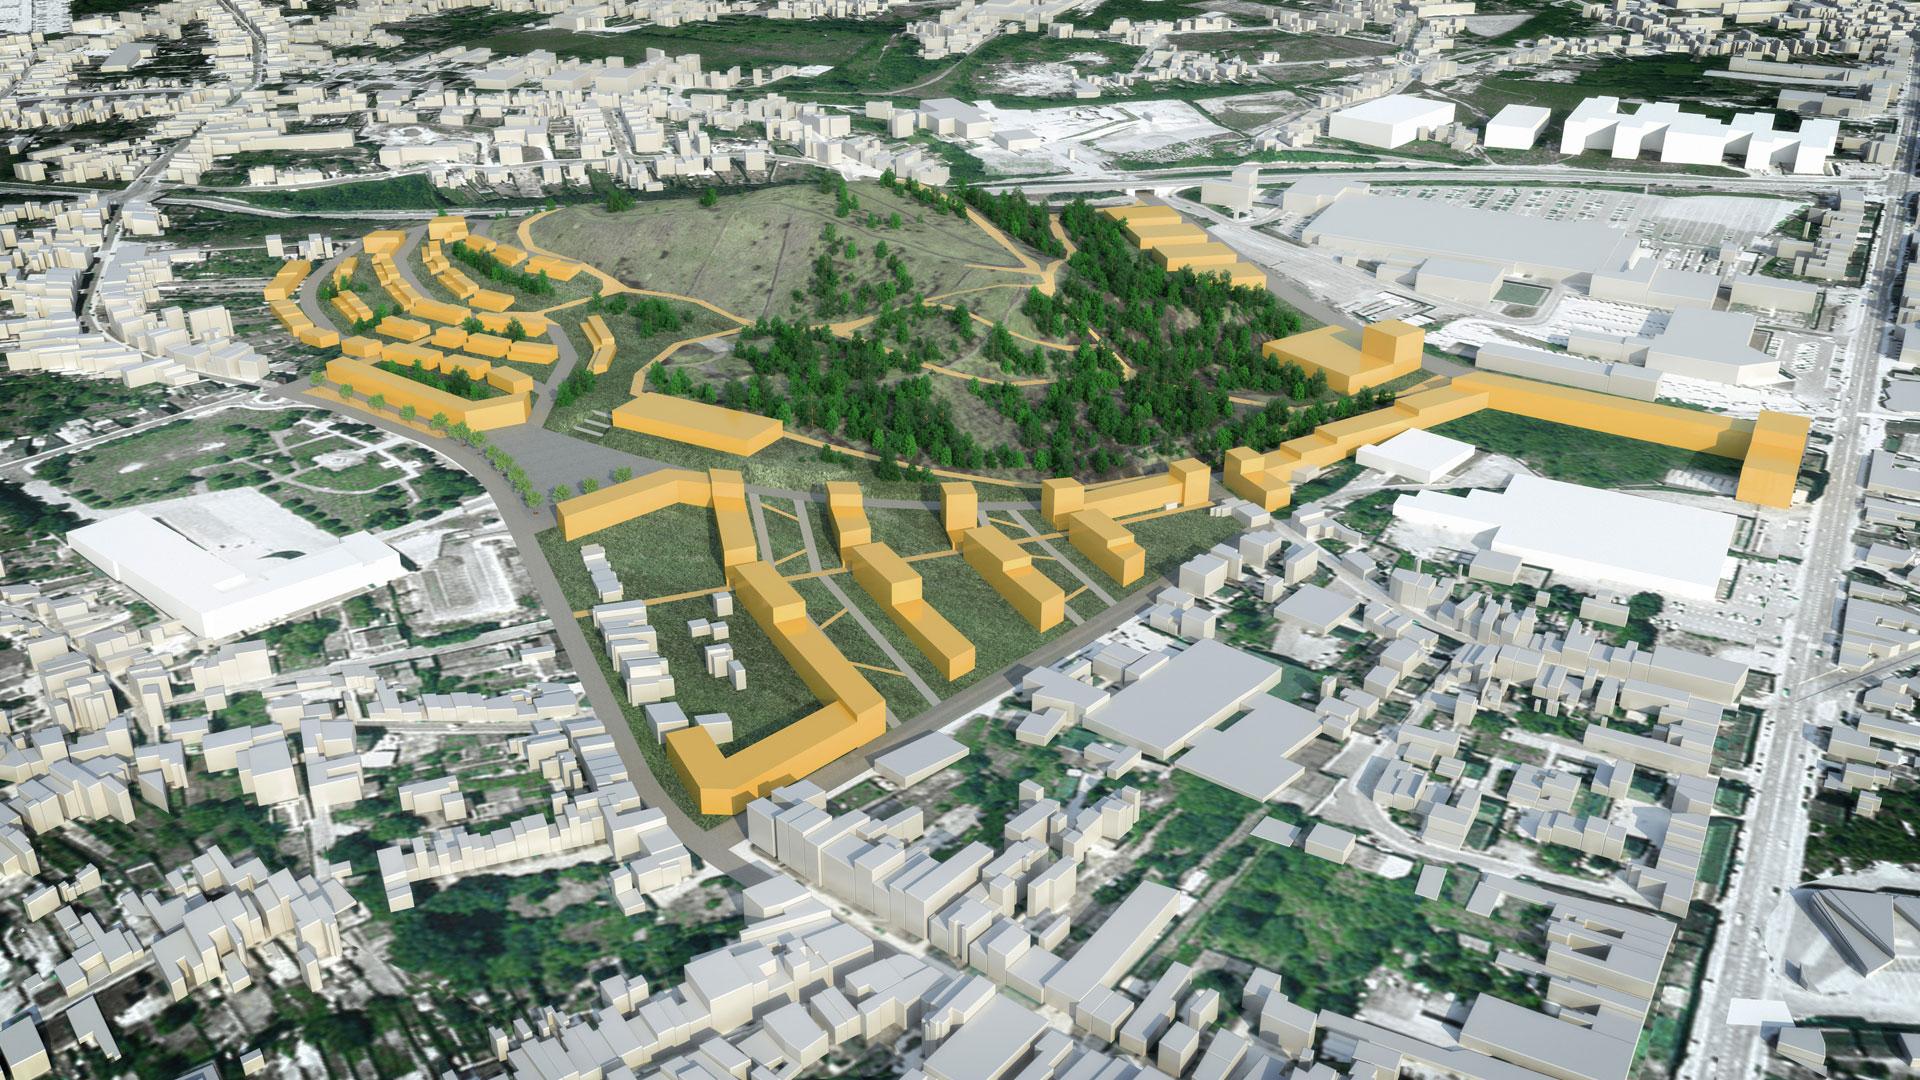 + de 300 hectares